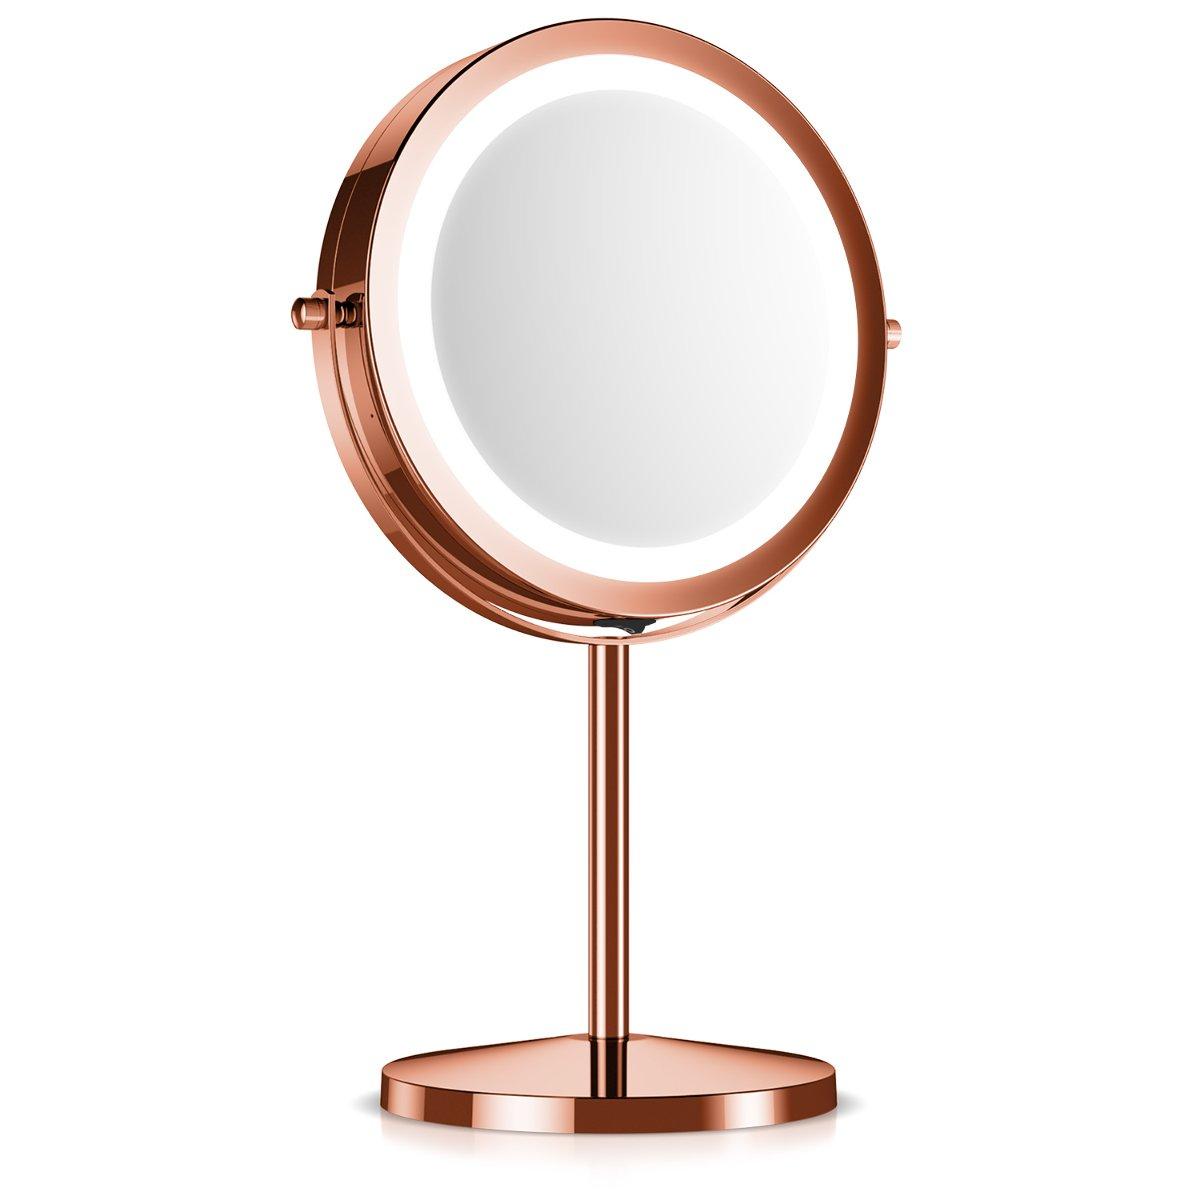 Navaris specchio ingrandente rotondo con LED - ingranditore 5x per il trucco rasatura da appoggio con luce integrata 17 LED - girevole 360° argento KW-Commerce 41188_m000765